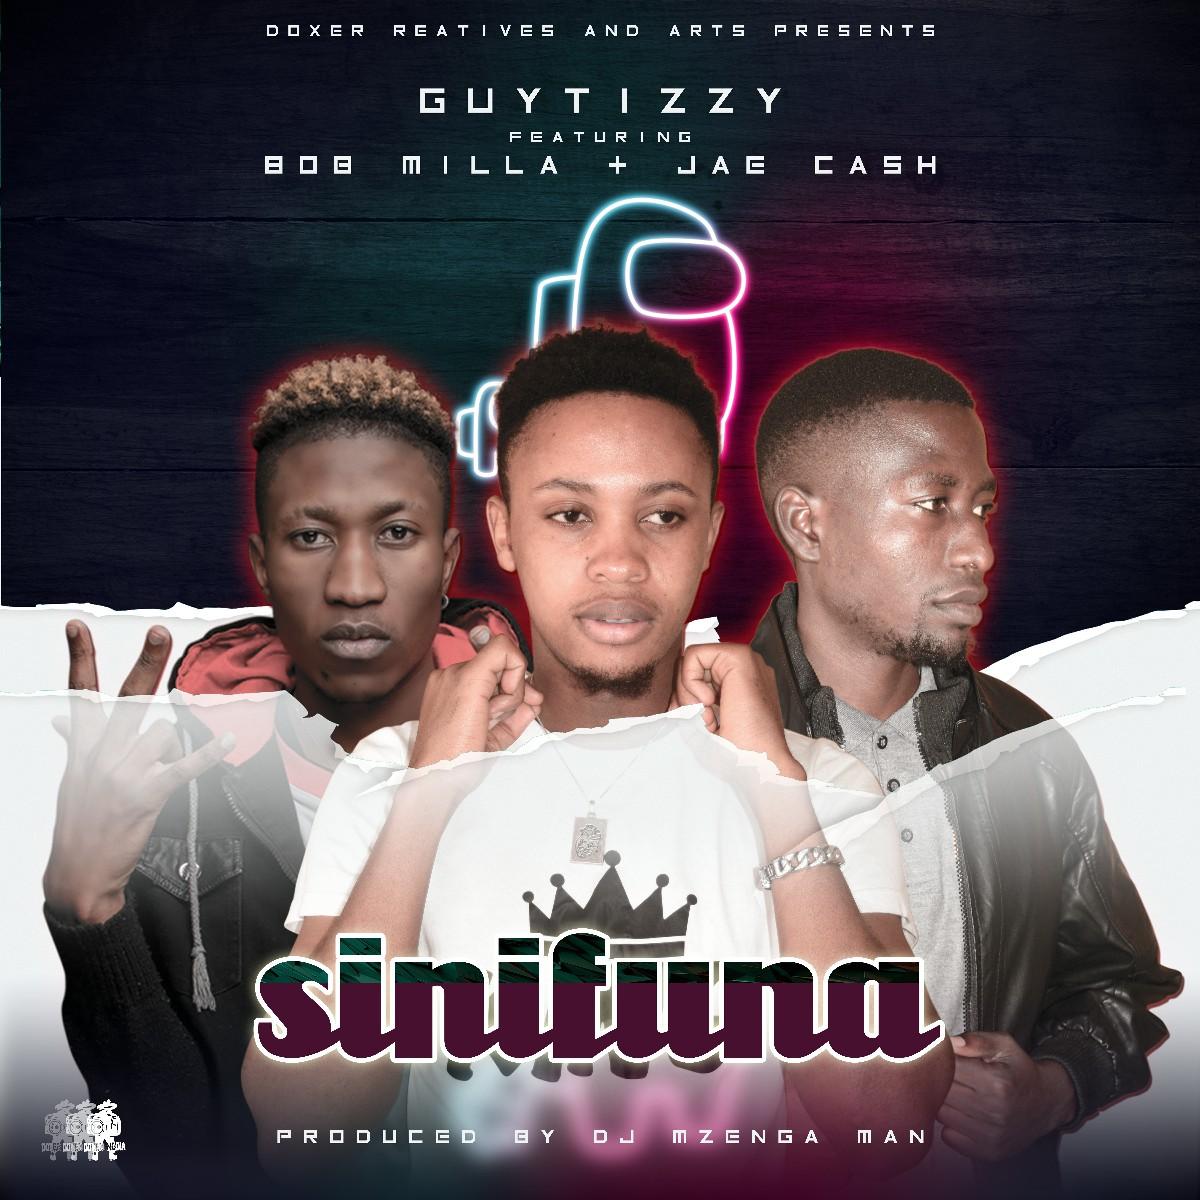 Guytizzy ft. Jae Cash & Bob Milla - Sinifuna